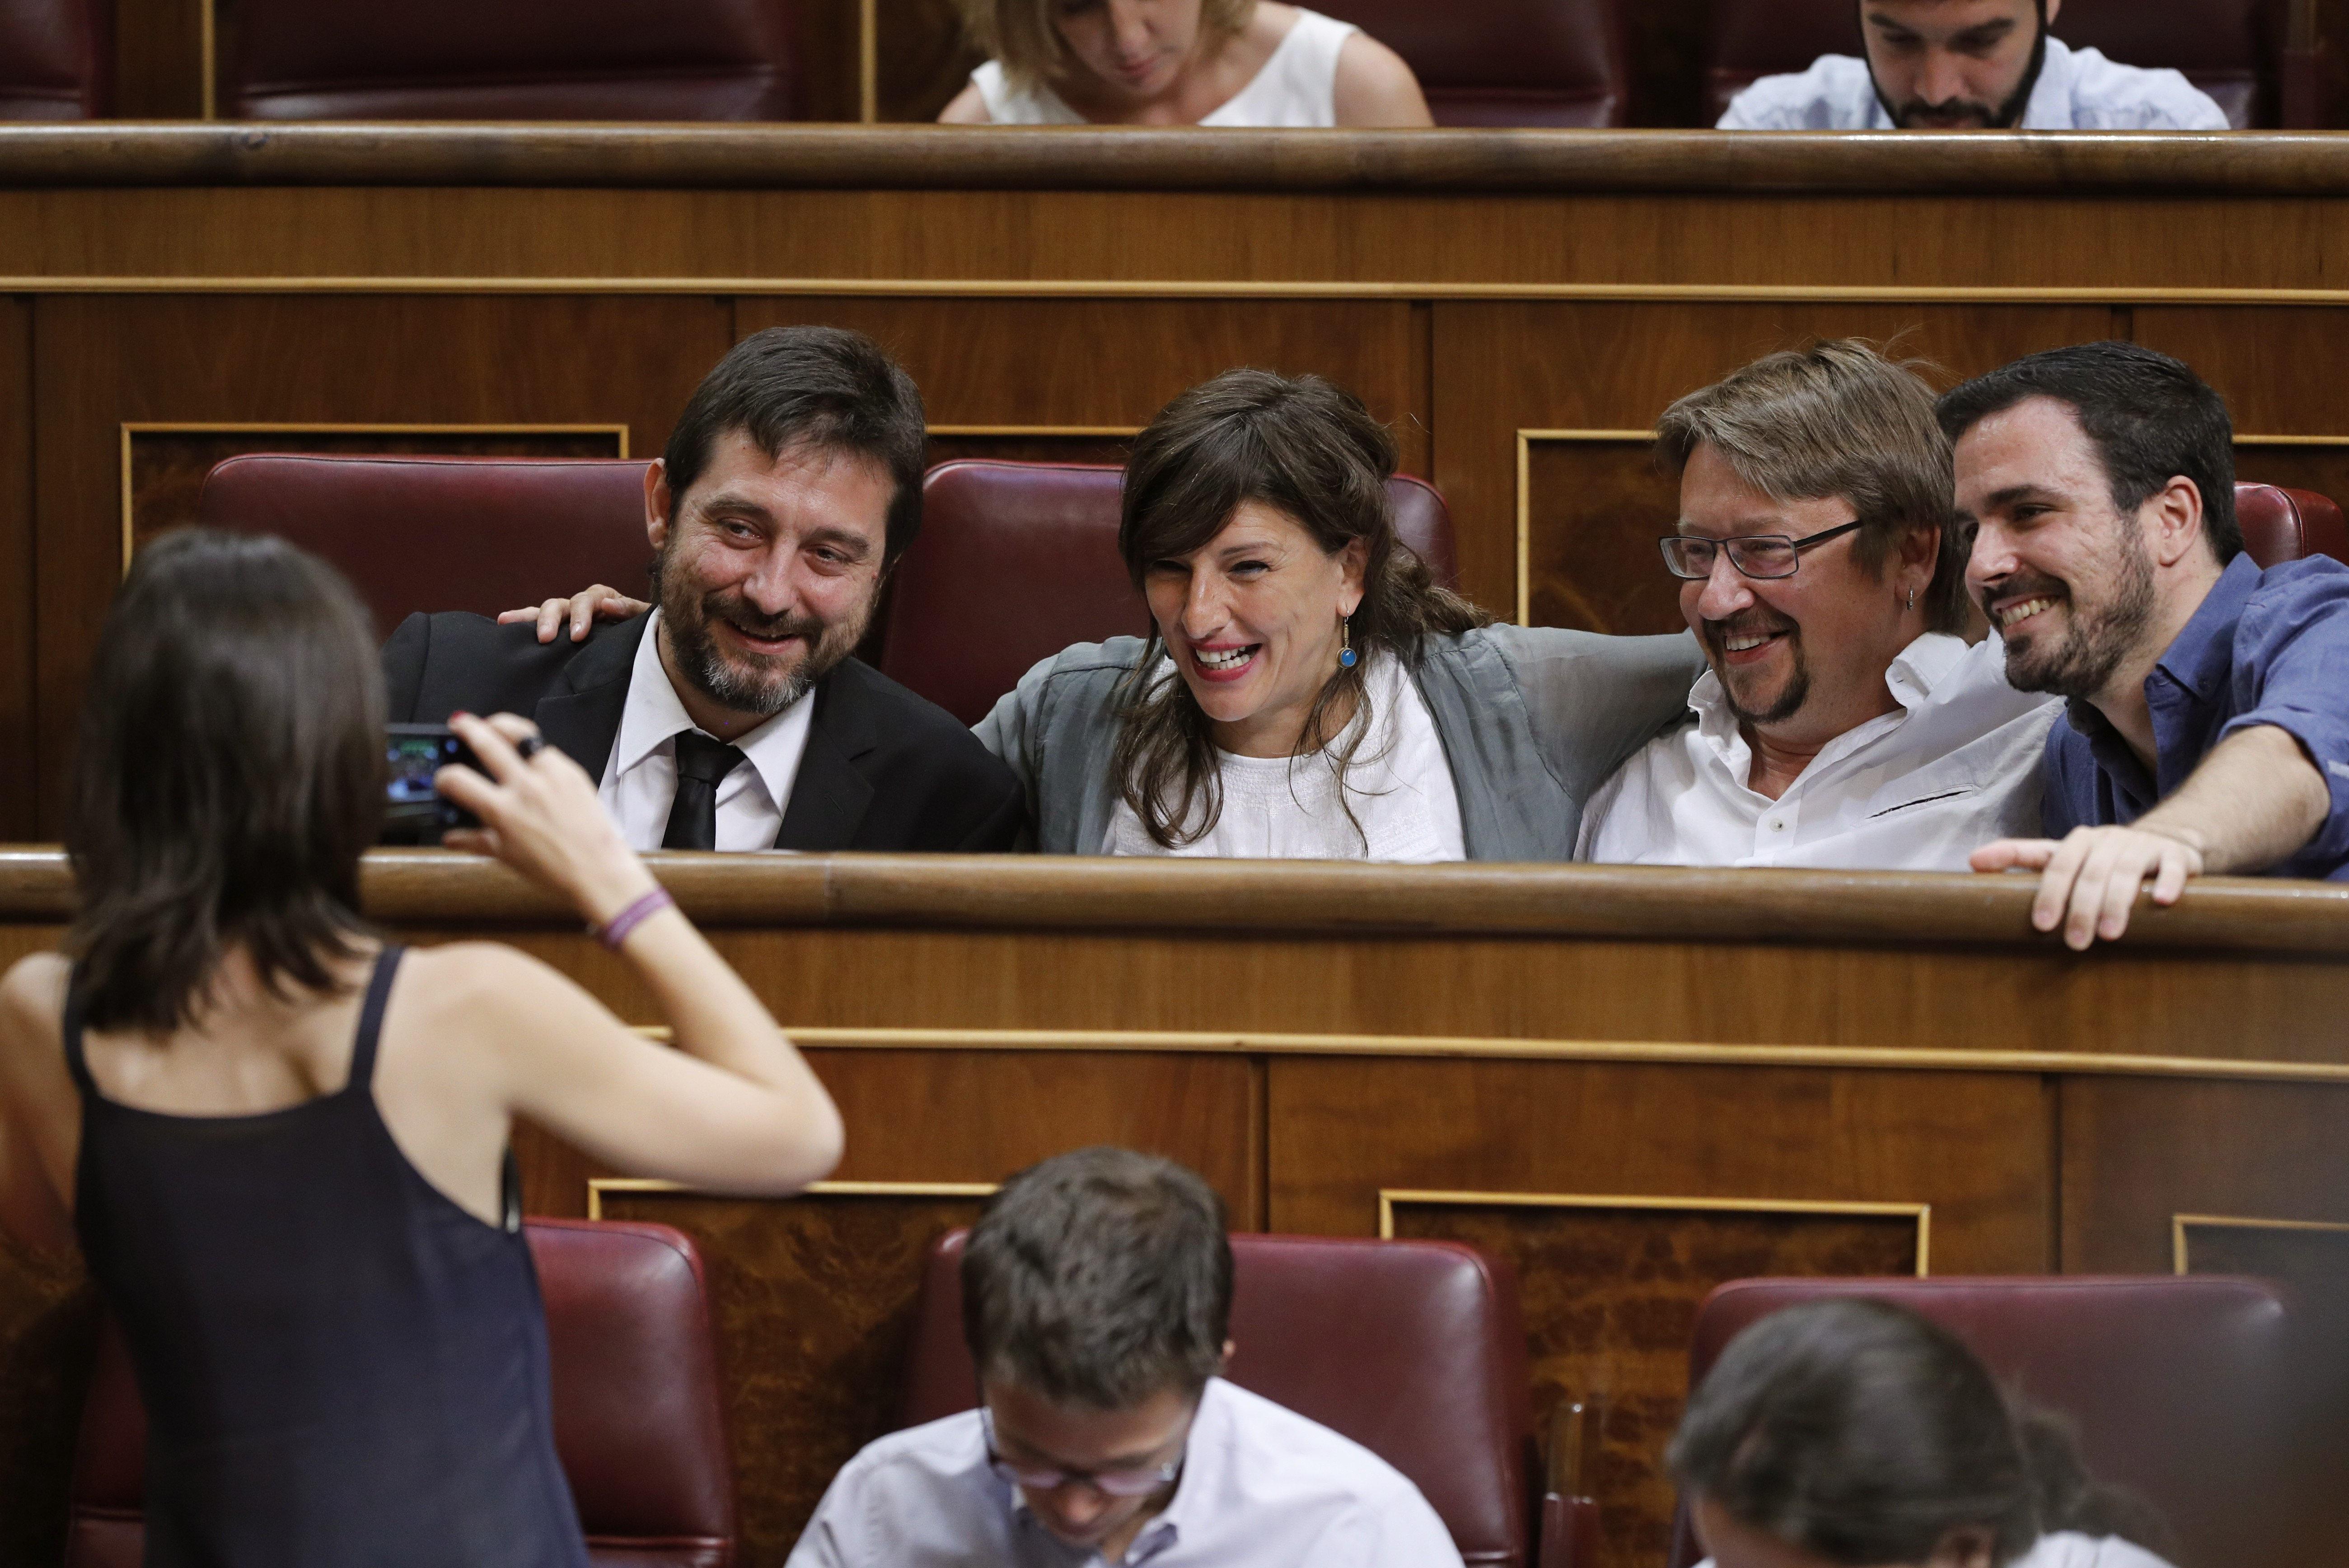 Los diputados de Unidos Podemos, Rafa Mayoral, Yolanda Díaz, Xavier Doménech y Alberto Garzón. (Foto: EFE)